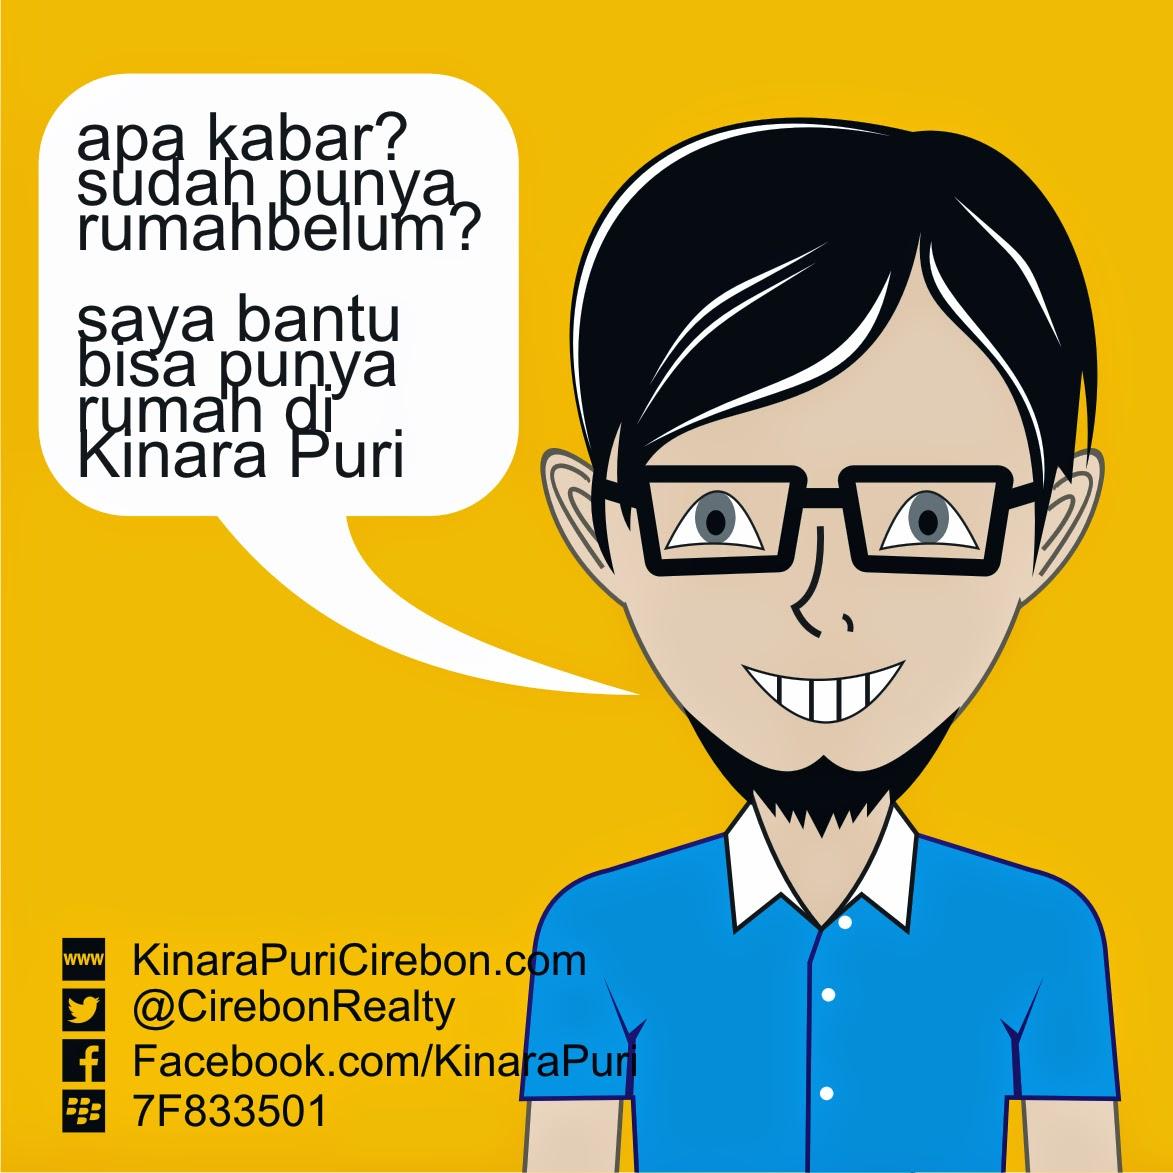 KinaraPuriCirebon.com